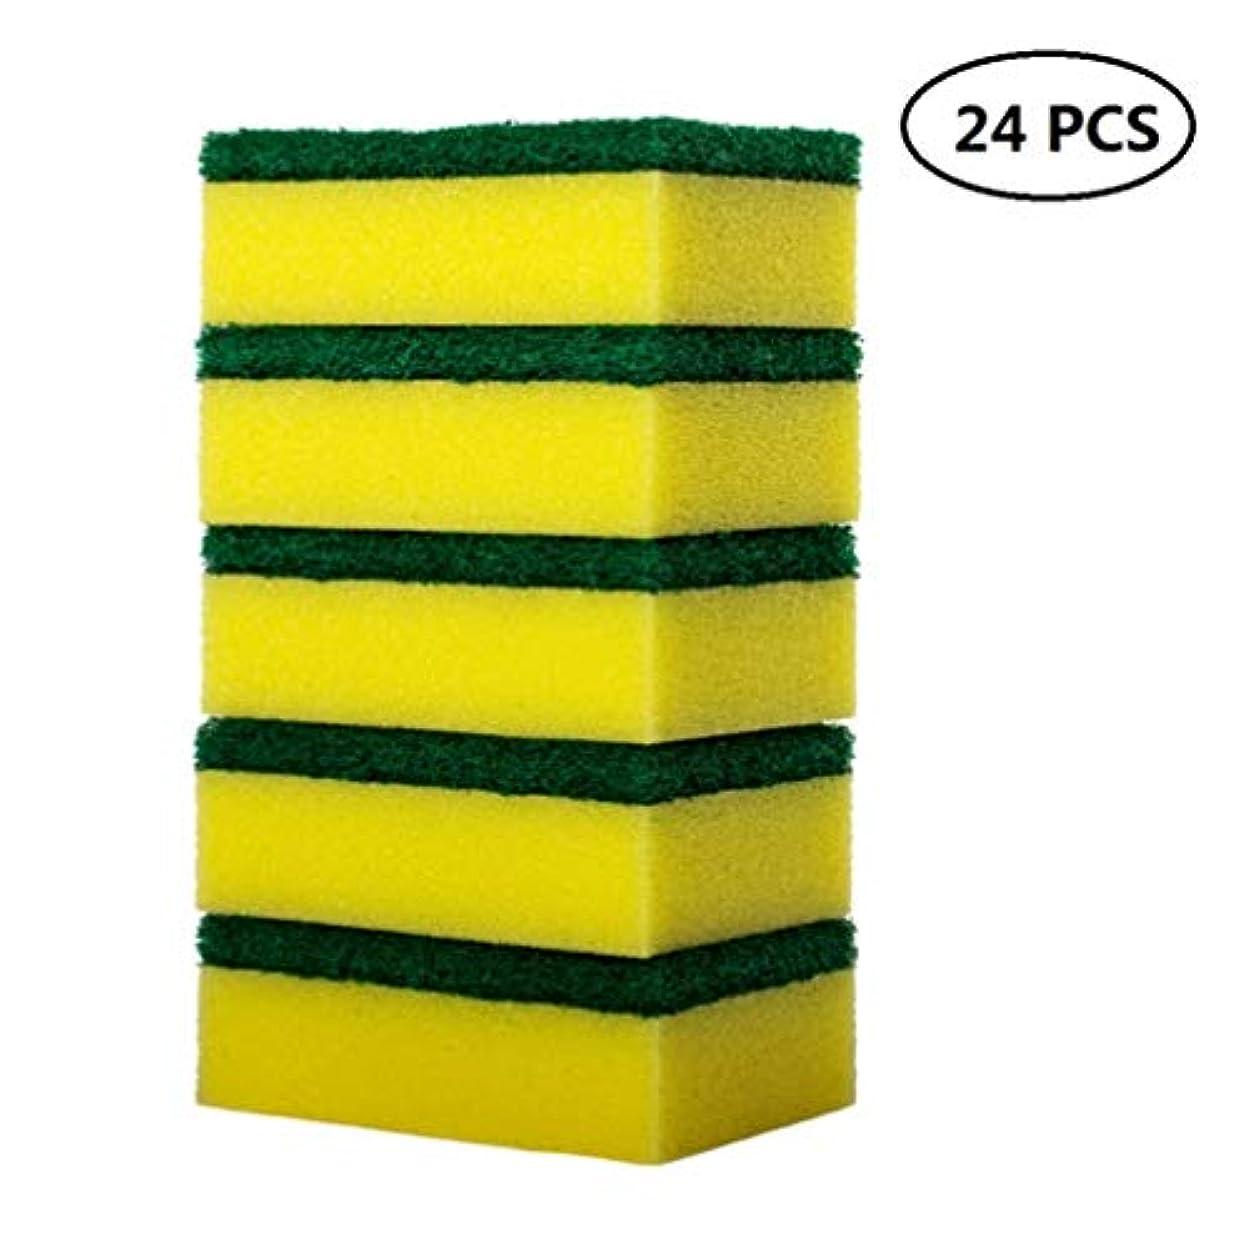 靄早める義務付けられたBESTONZON 24ピーススポンジ精練パッド食器洗いスポンジキッチンクリーニングナノコットン洗浄ポットブラシ(黄色+緑)